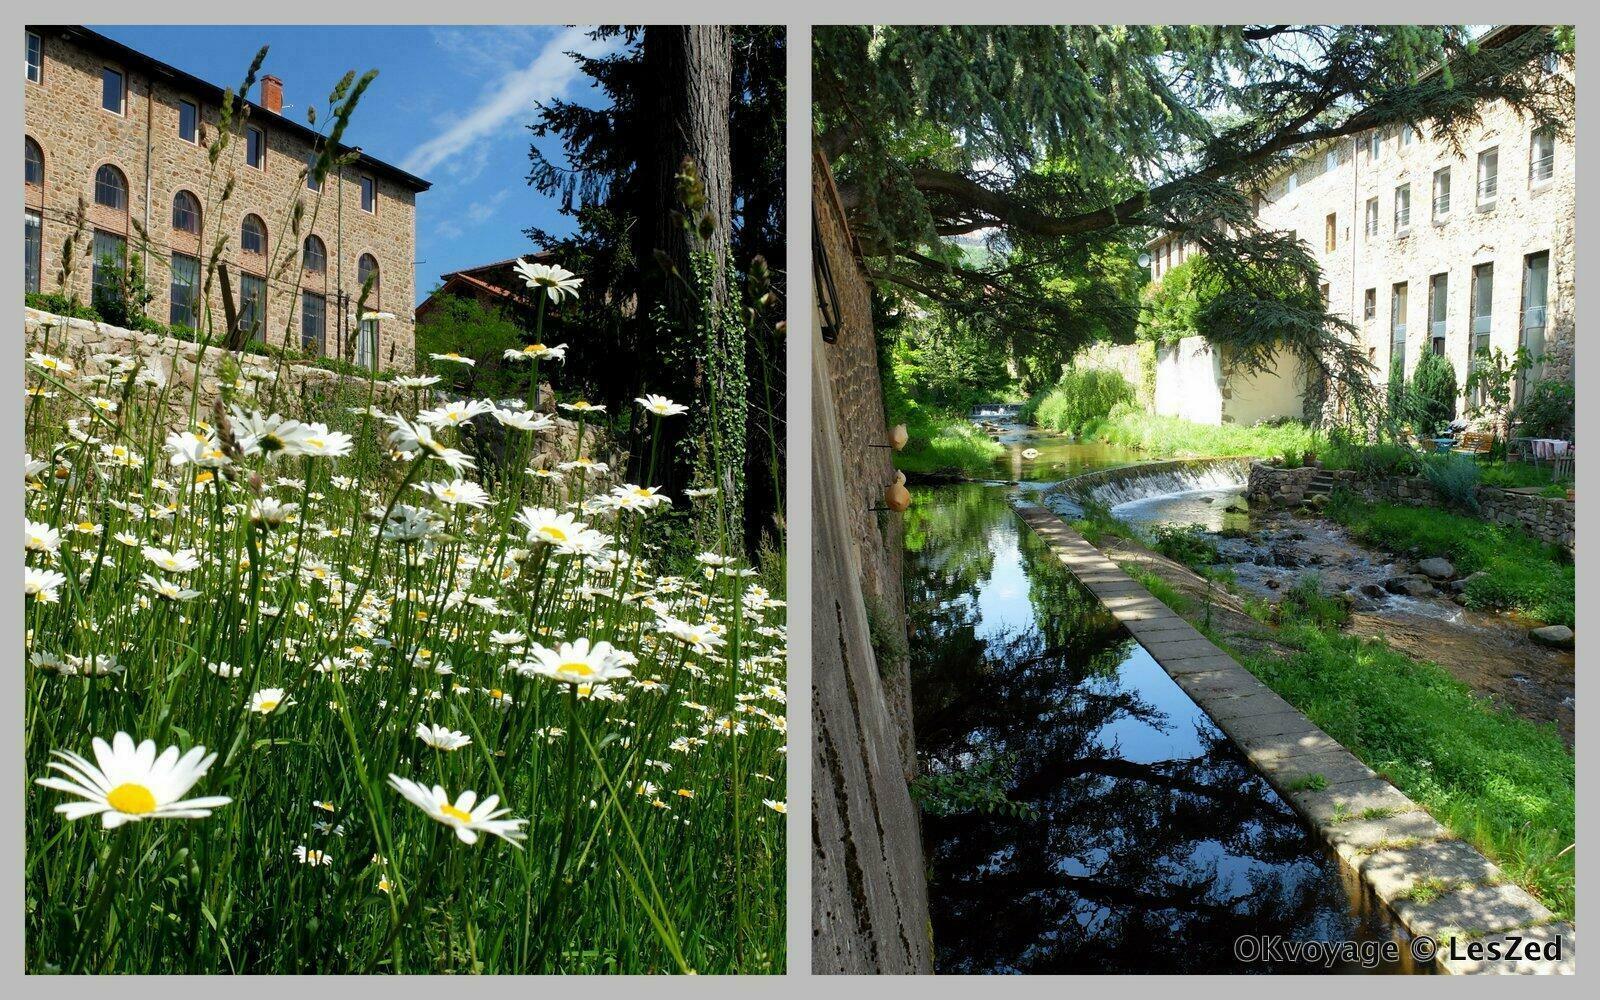 Le village de Saint-Julien-Molin-Molette dans le Pilat